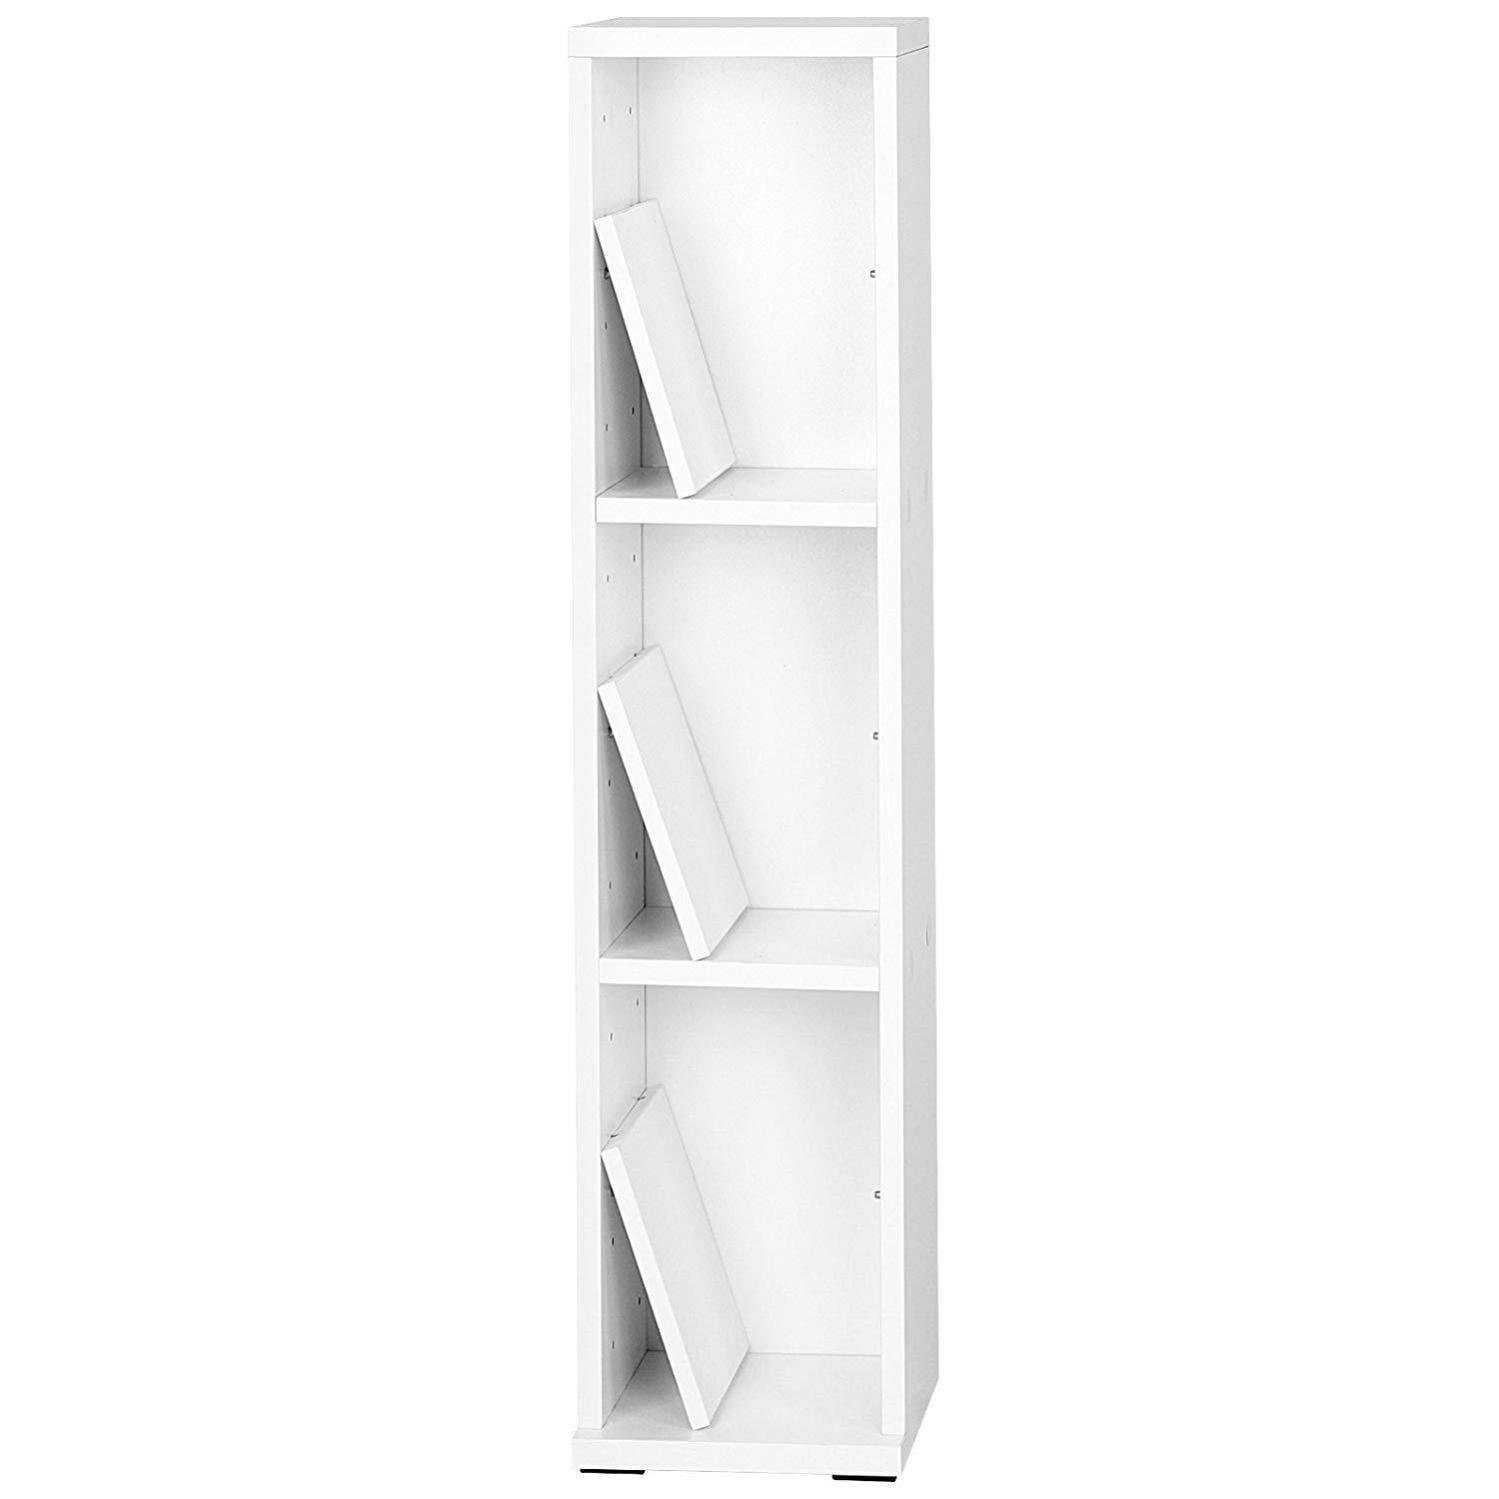 Armoire Etagere Cd Colonne Tour Bibliotheque Meuble De Rangement Pour 100 Cds Blanc 0501019 Leroy Merlin